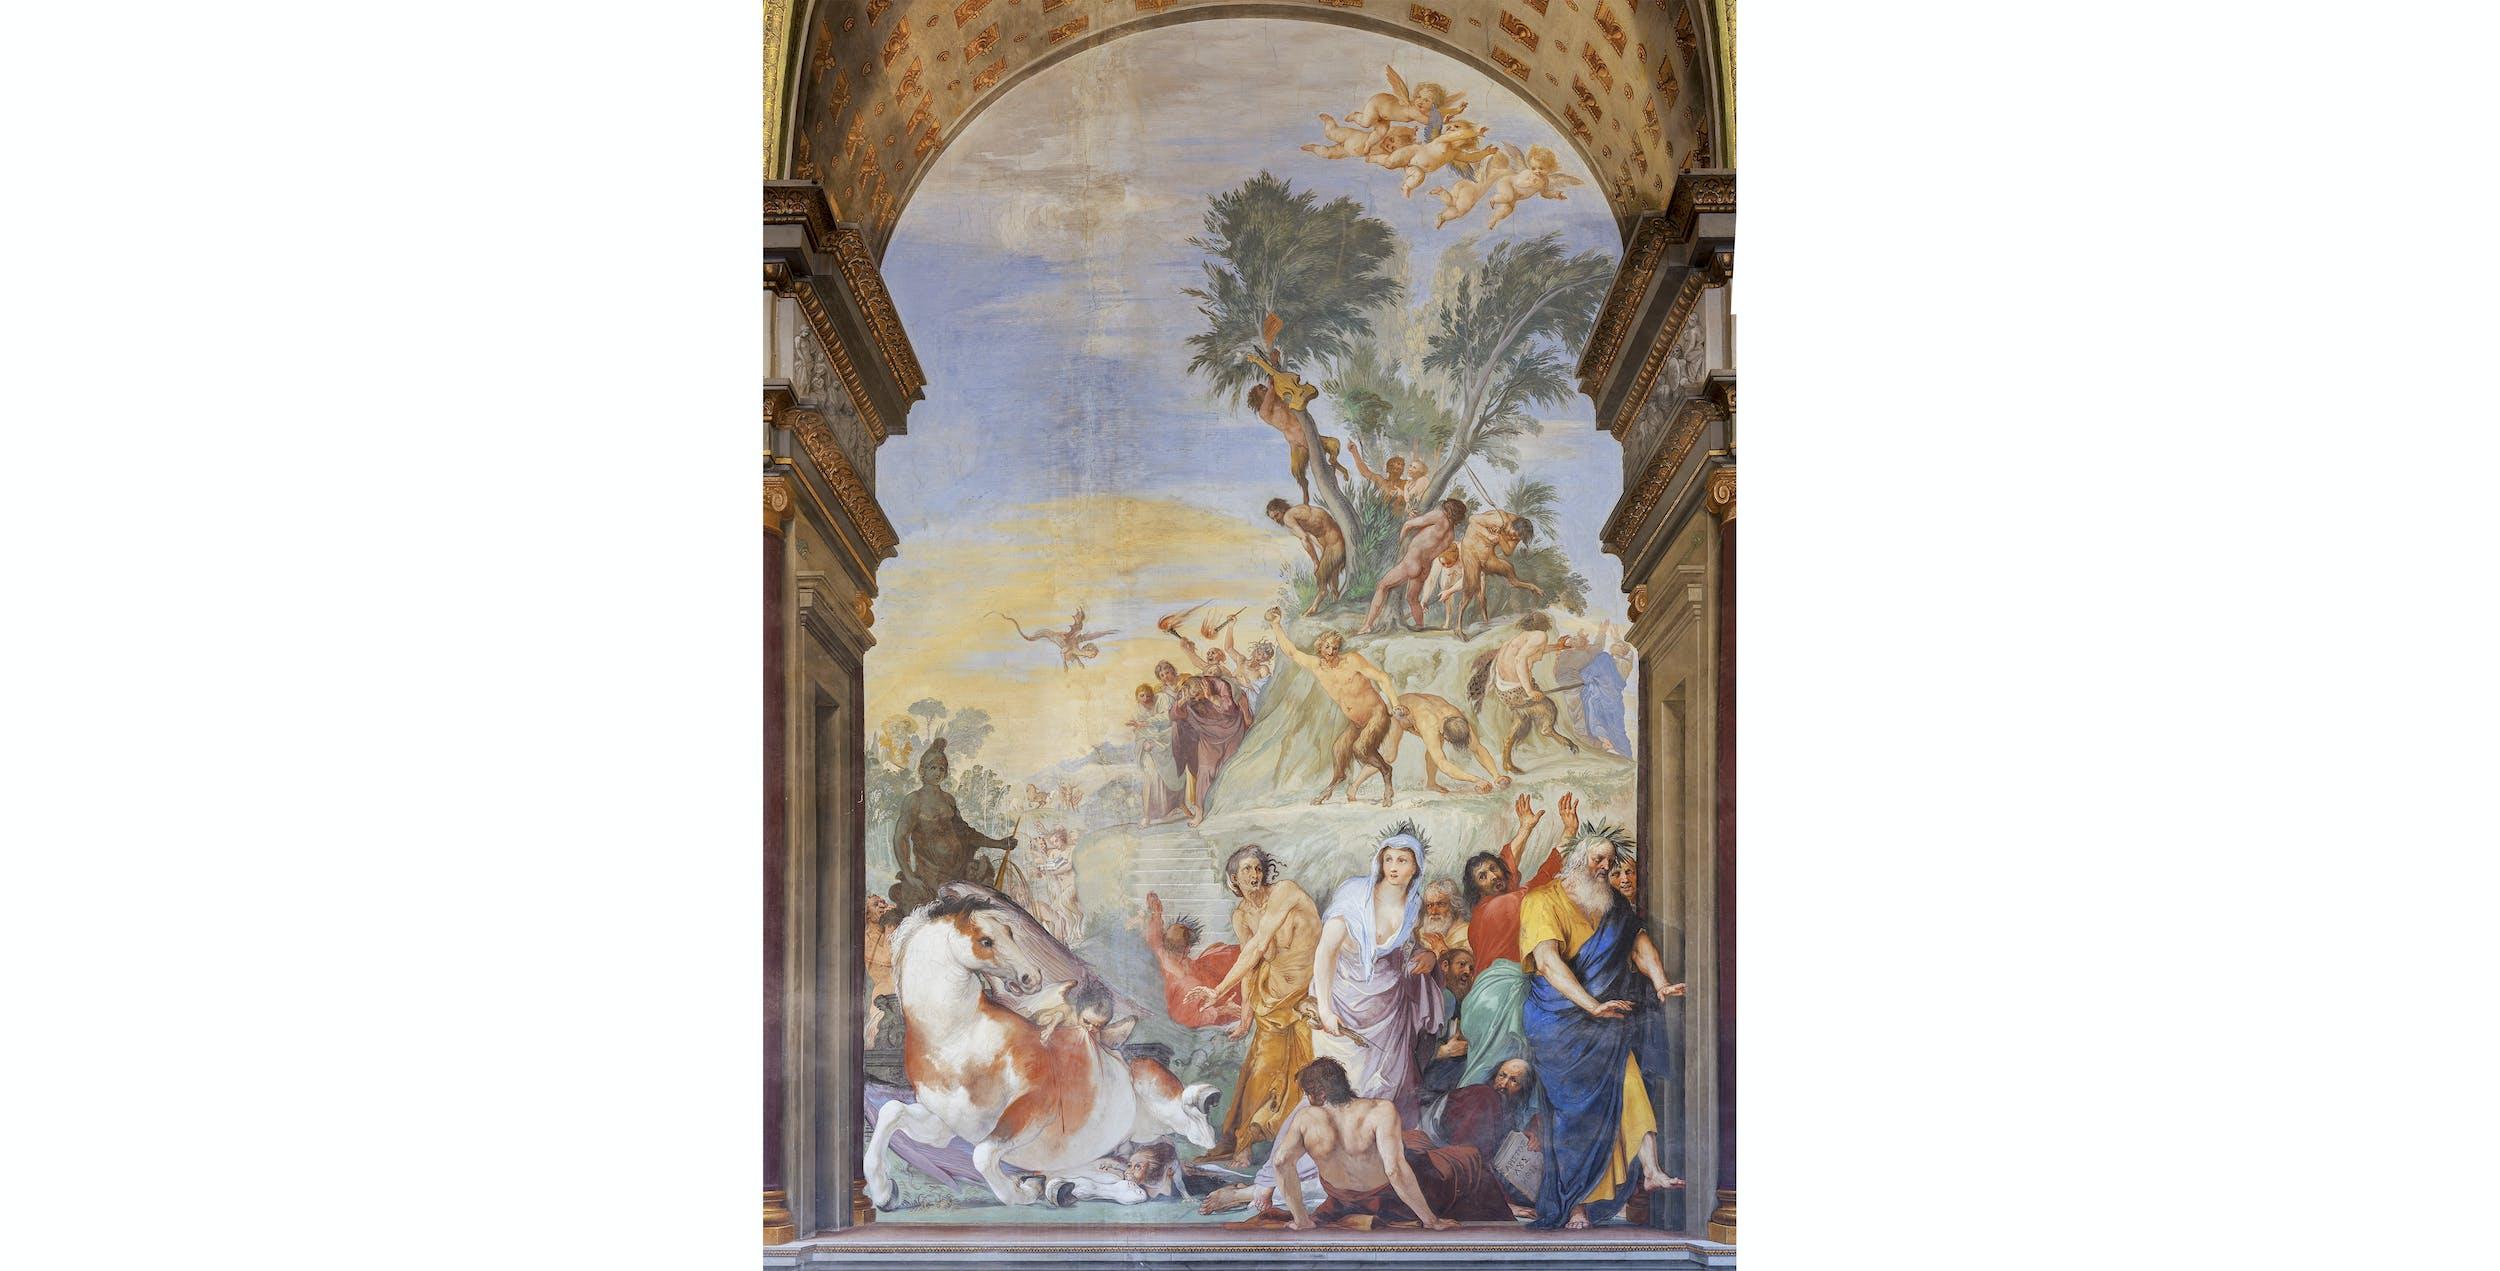 Giovanni da San Giovanni, Le Muse con i poeti e i filosofi scacciate dal Parnaso, Palazzo Pitti, Tesoro dei Granduchi, Salone di Giovanni da San Giovanni